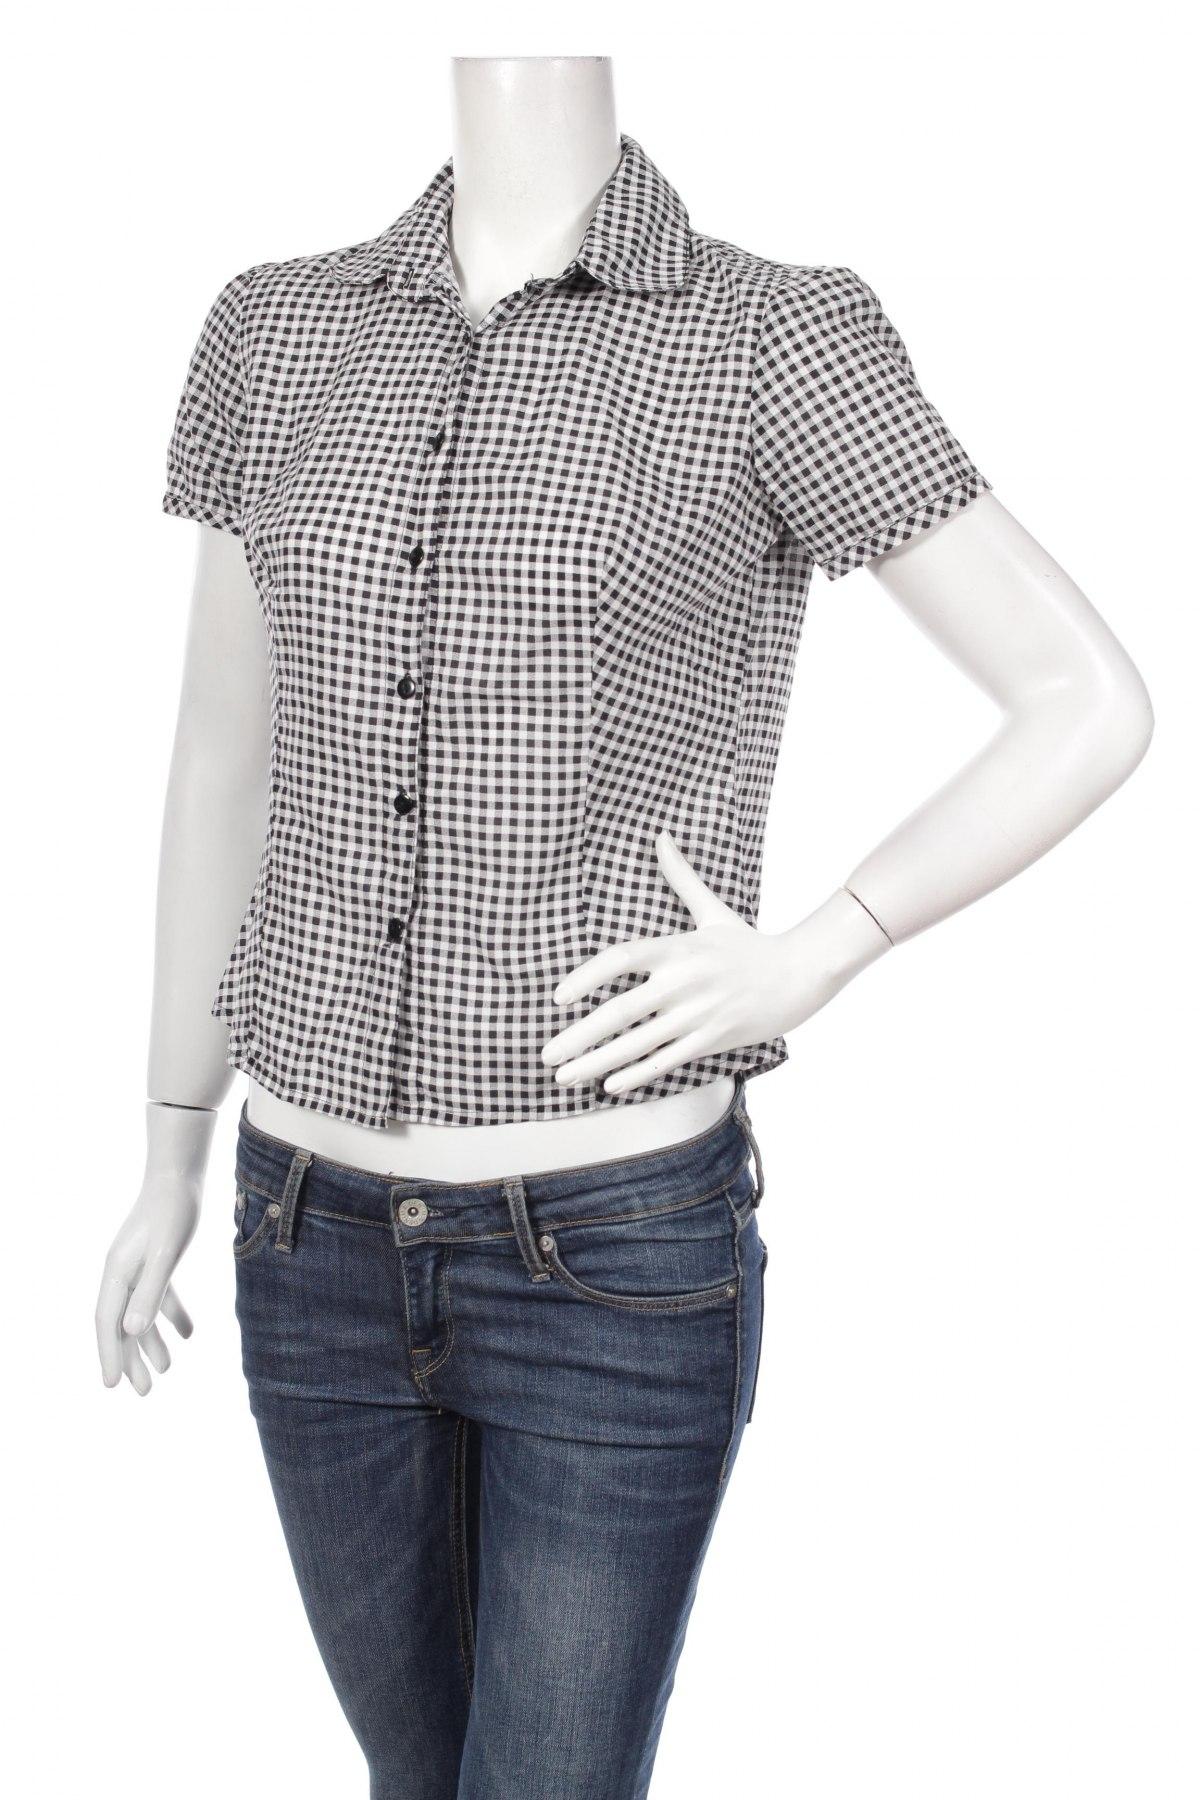 Γυναικείο πουκάμισο Pimkie, Μέγεθος M, Χρώμα Μαύρο, Τιμή 9,90€